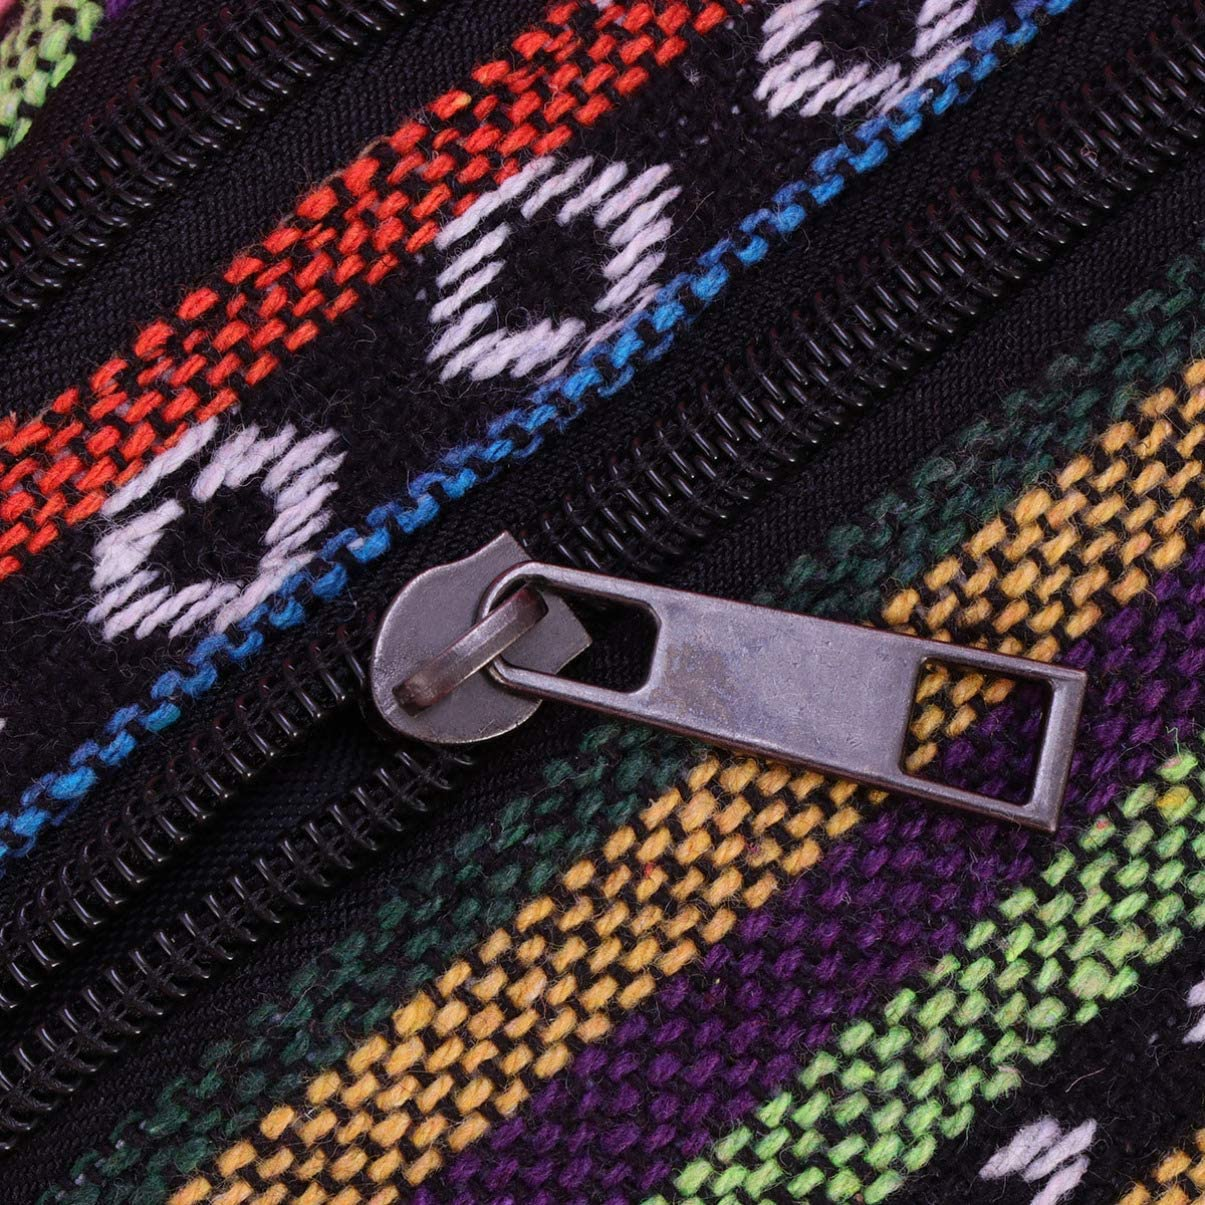 TENDYCOCO marsupio marsupio in tela stampata in stile etnico borsa tracolla cintura marsupio per donna ragazza